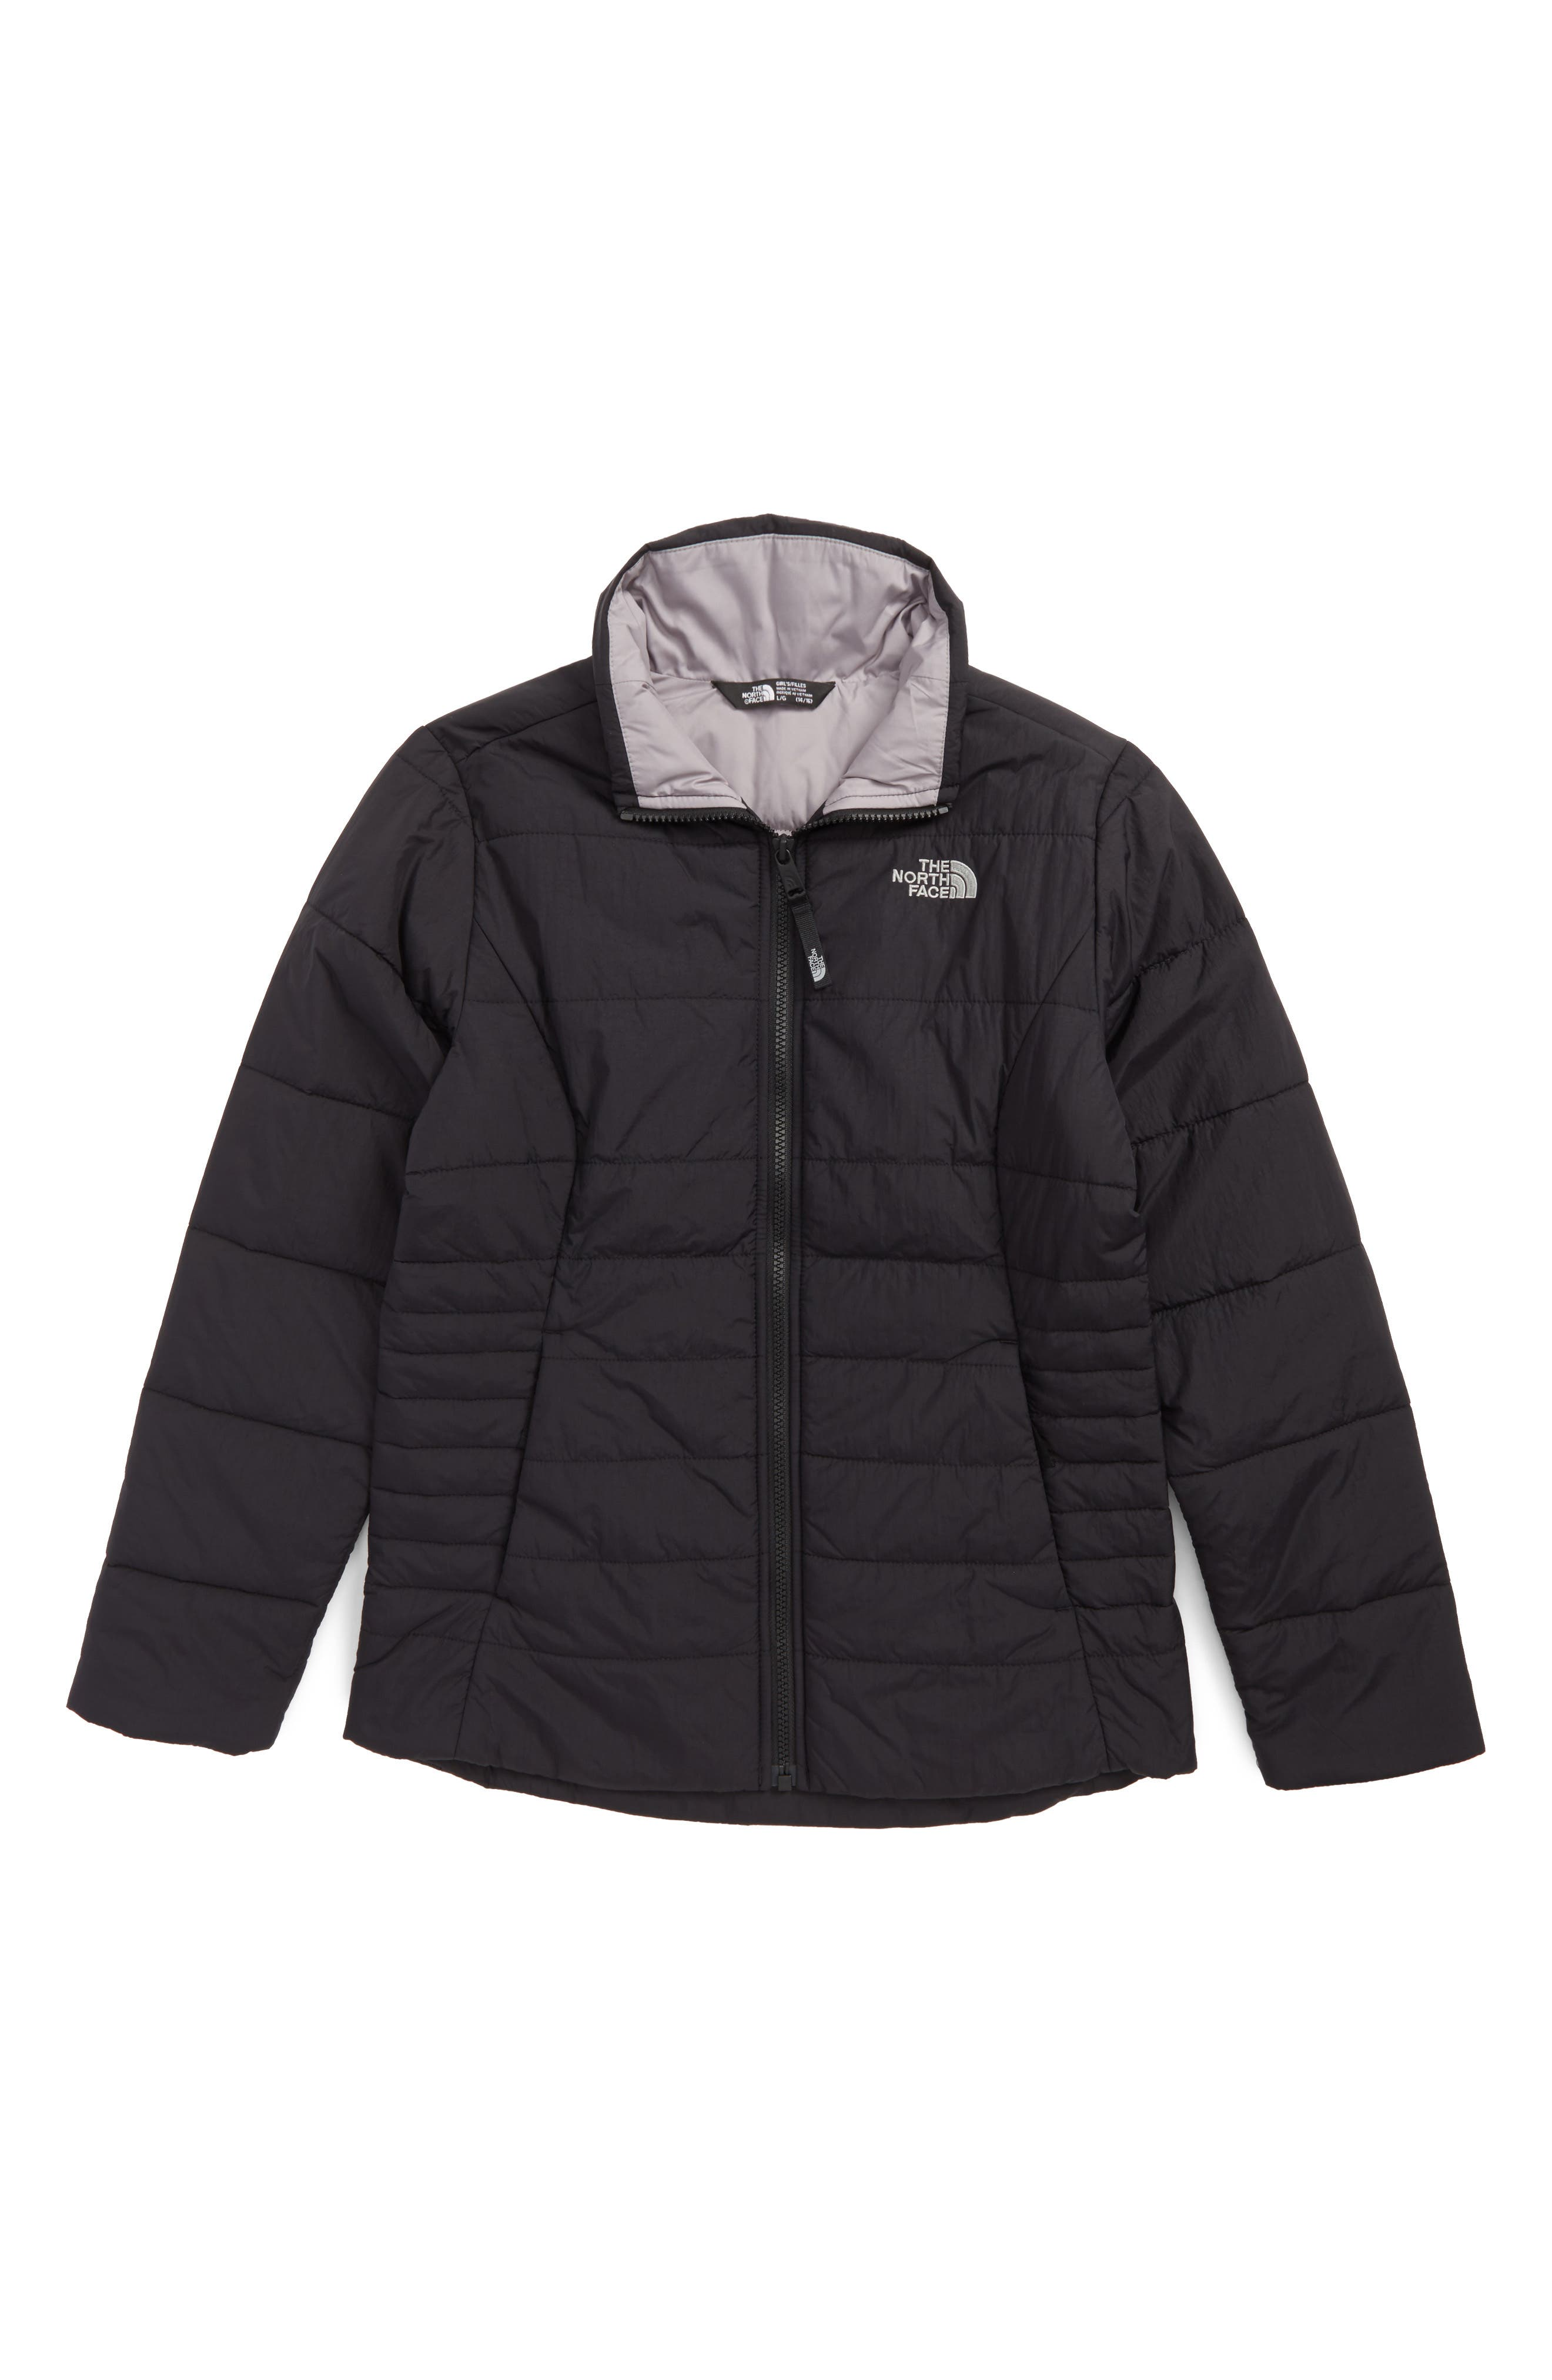 Harway Heatseeker<sup>™</sup>Water-Resistant Jacket,                             Main thumbnail 1, color,                             Tnf Black